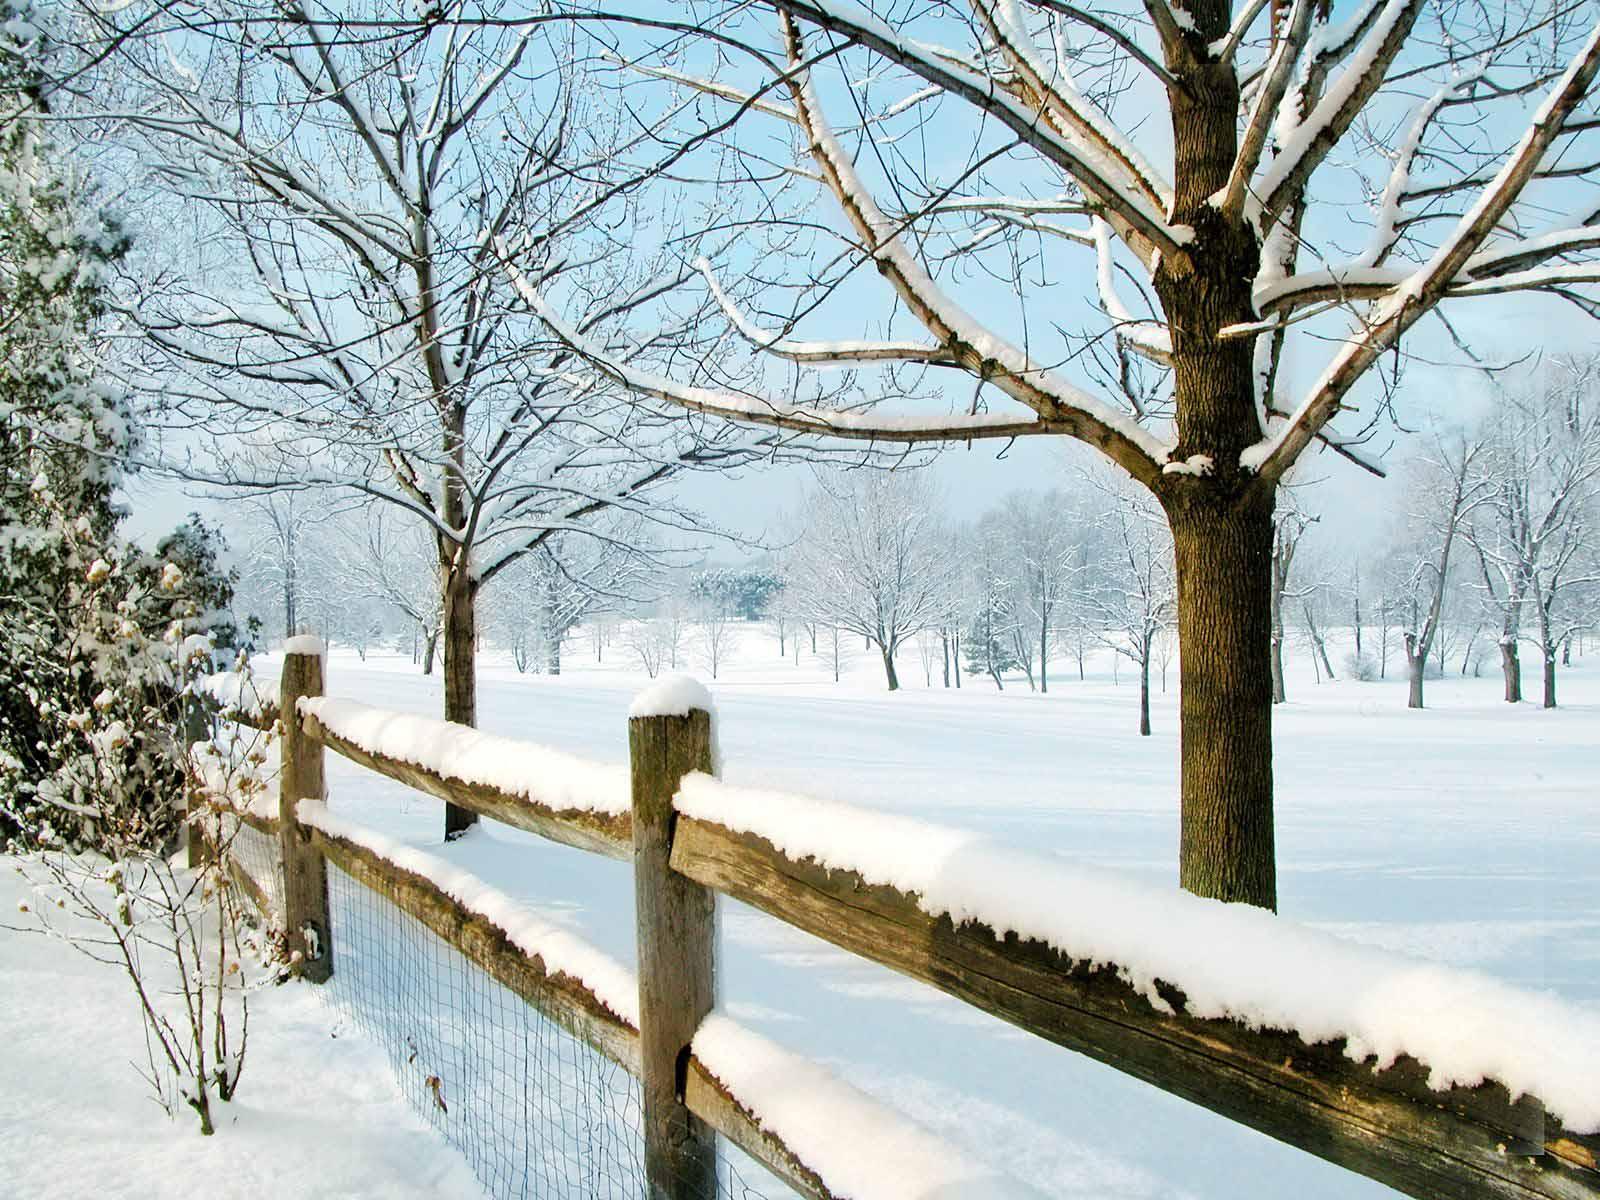 HD Wallpapers Winter Scenes for Desktop 1600x1200